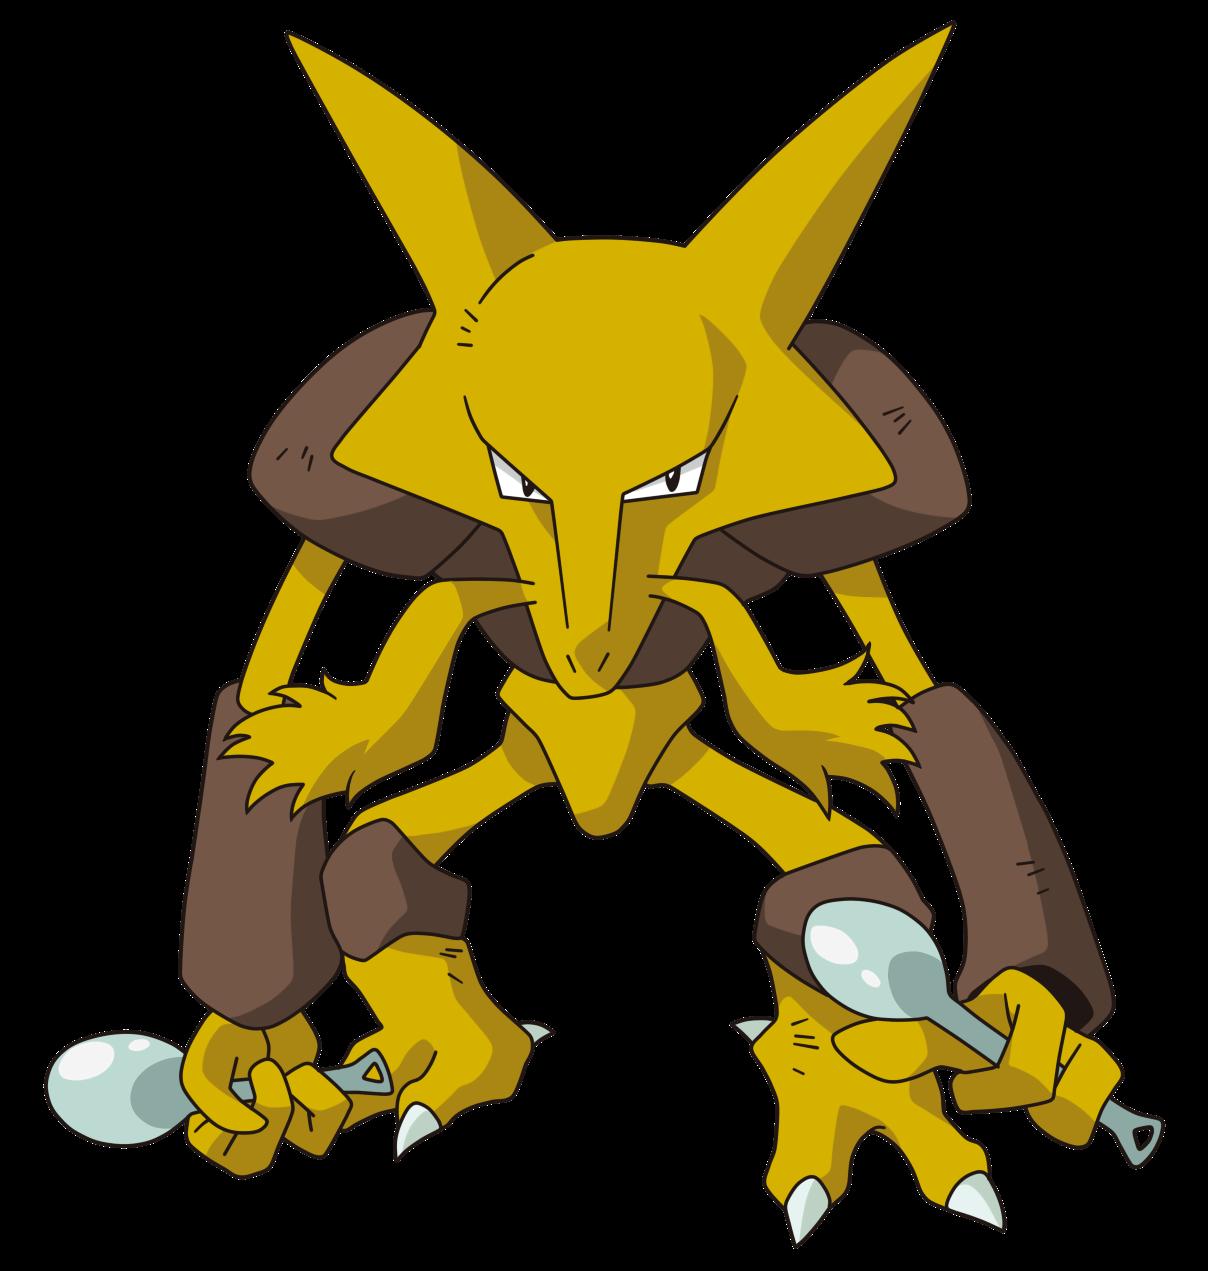 Alakazam Images   Pokemon Images